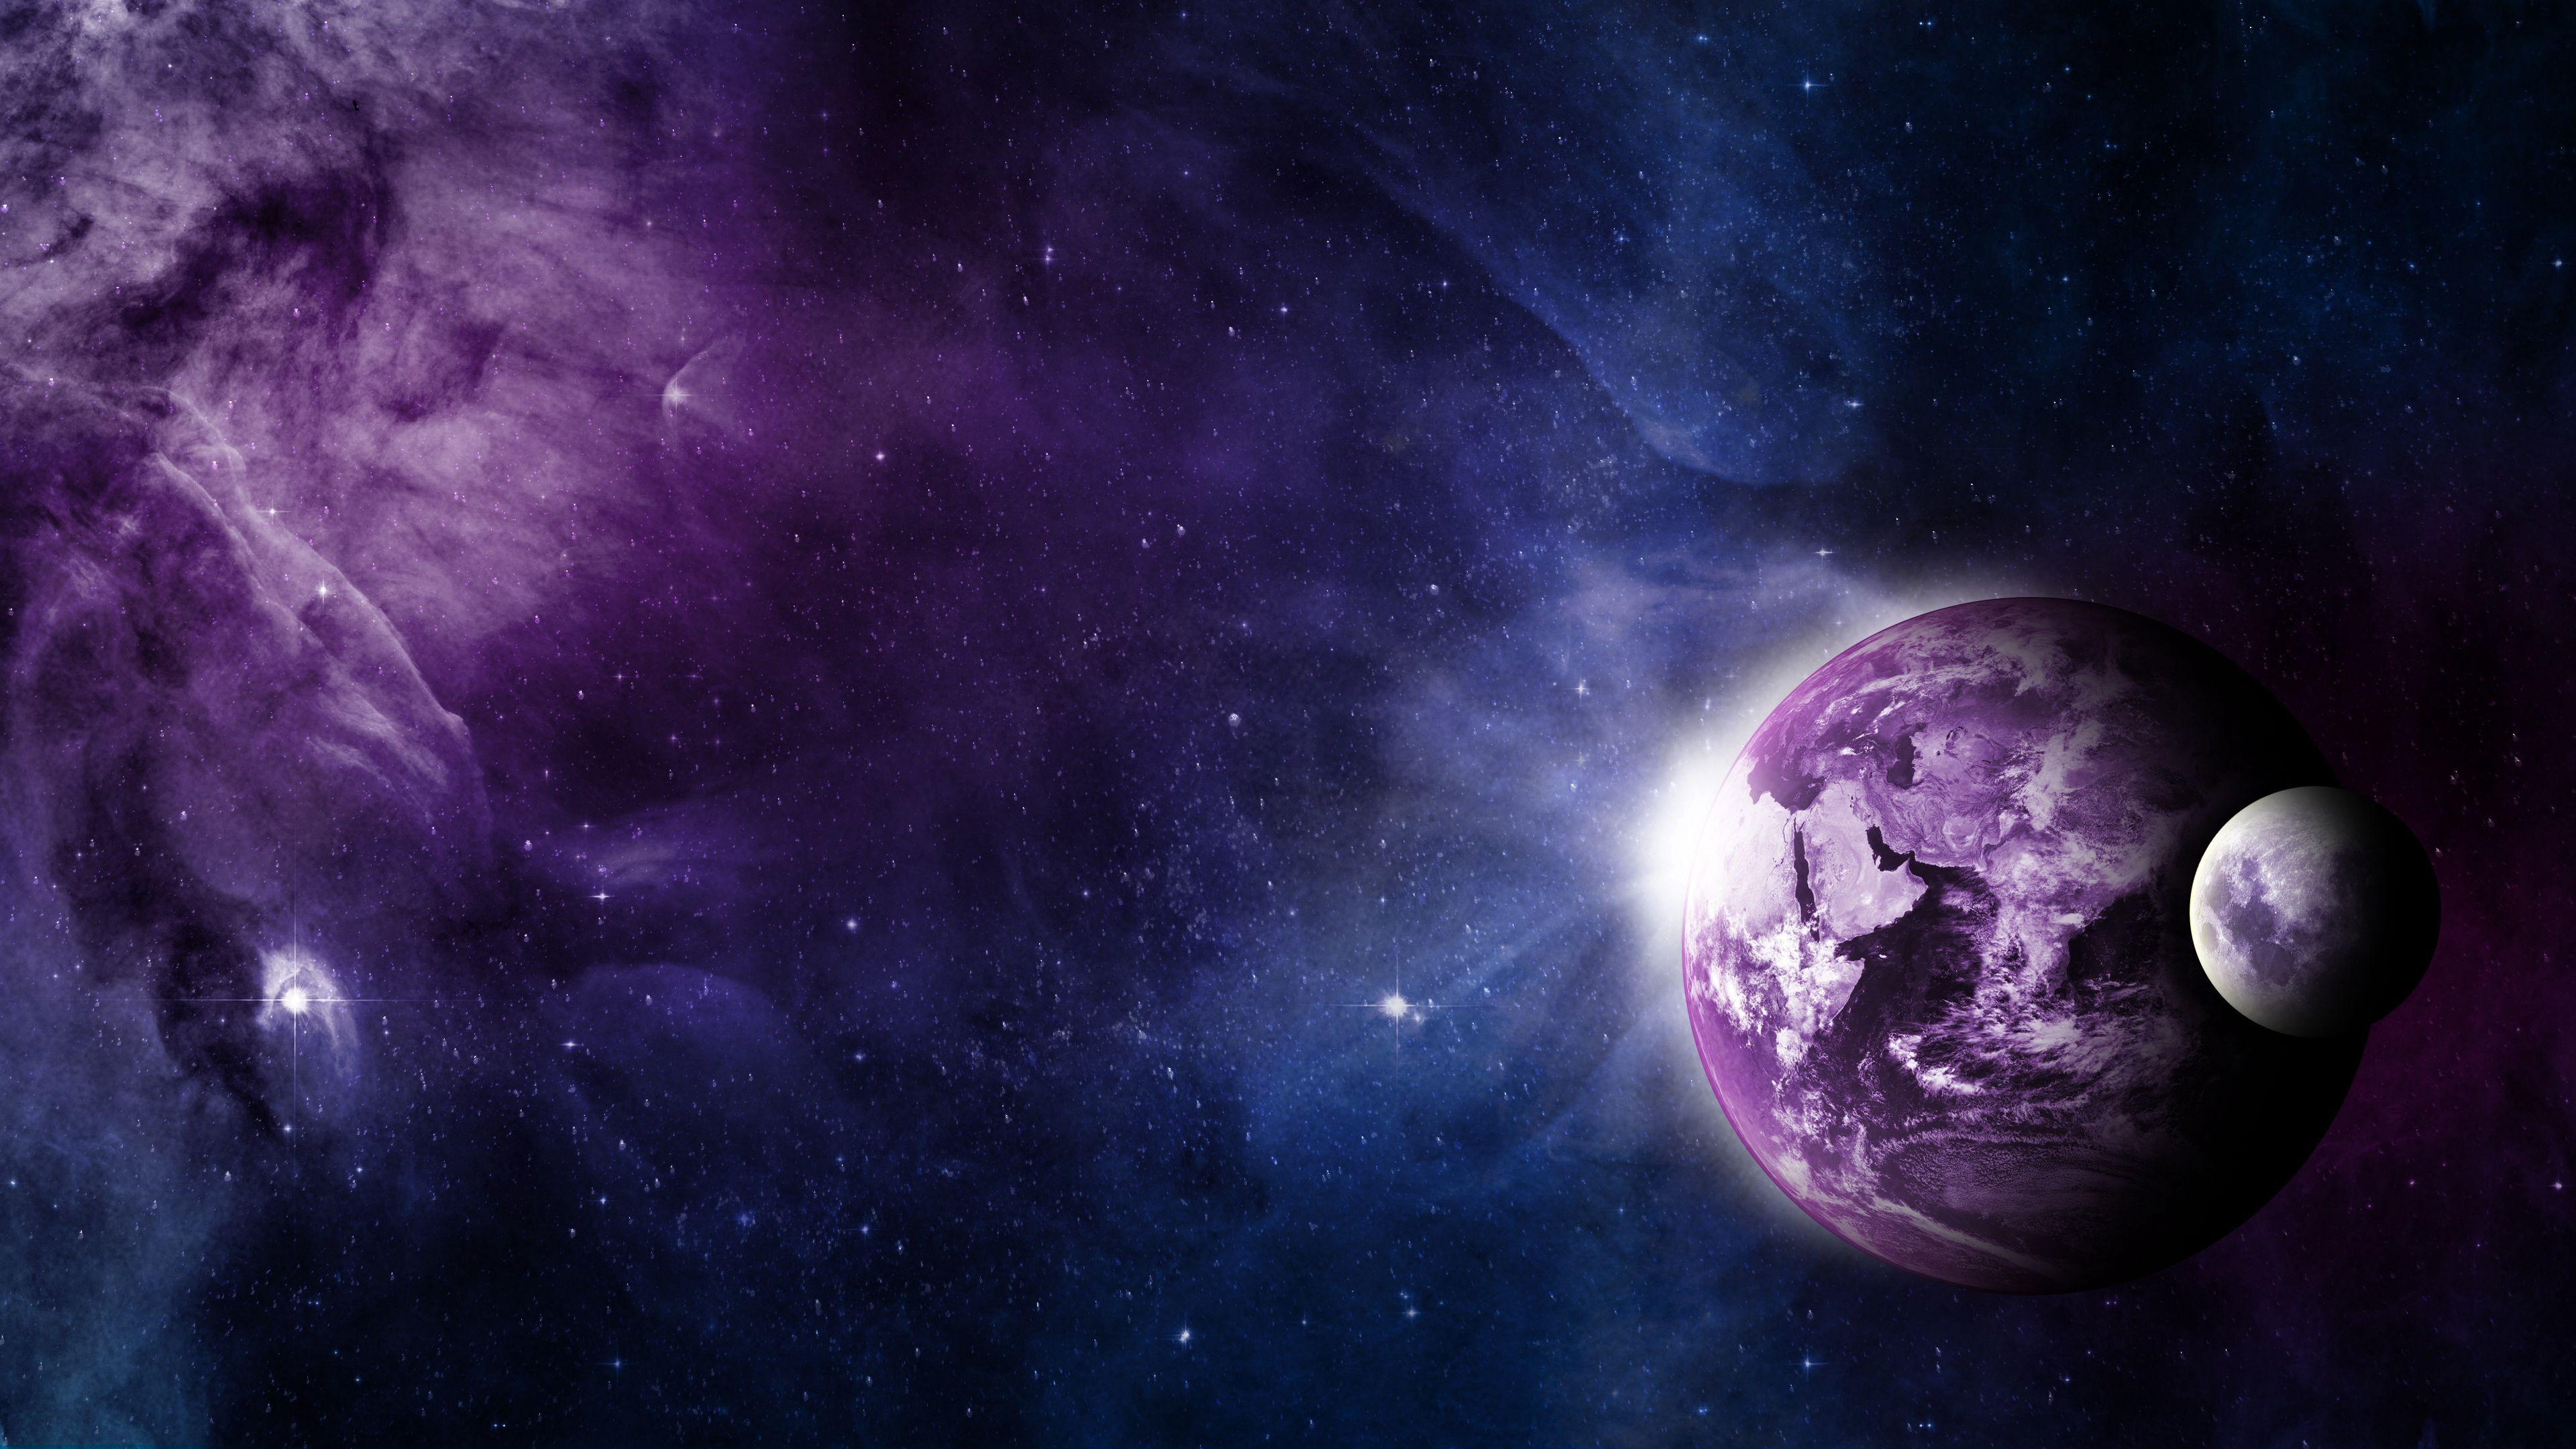 Fondos de pantalla La tierra y la luna en el espacio